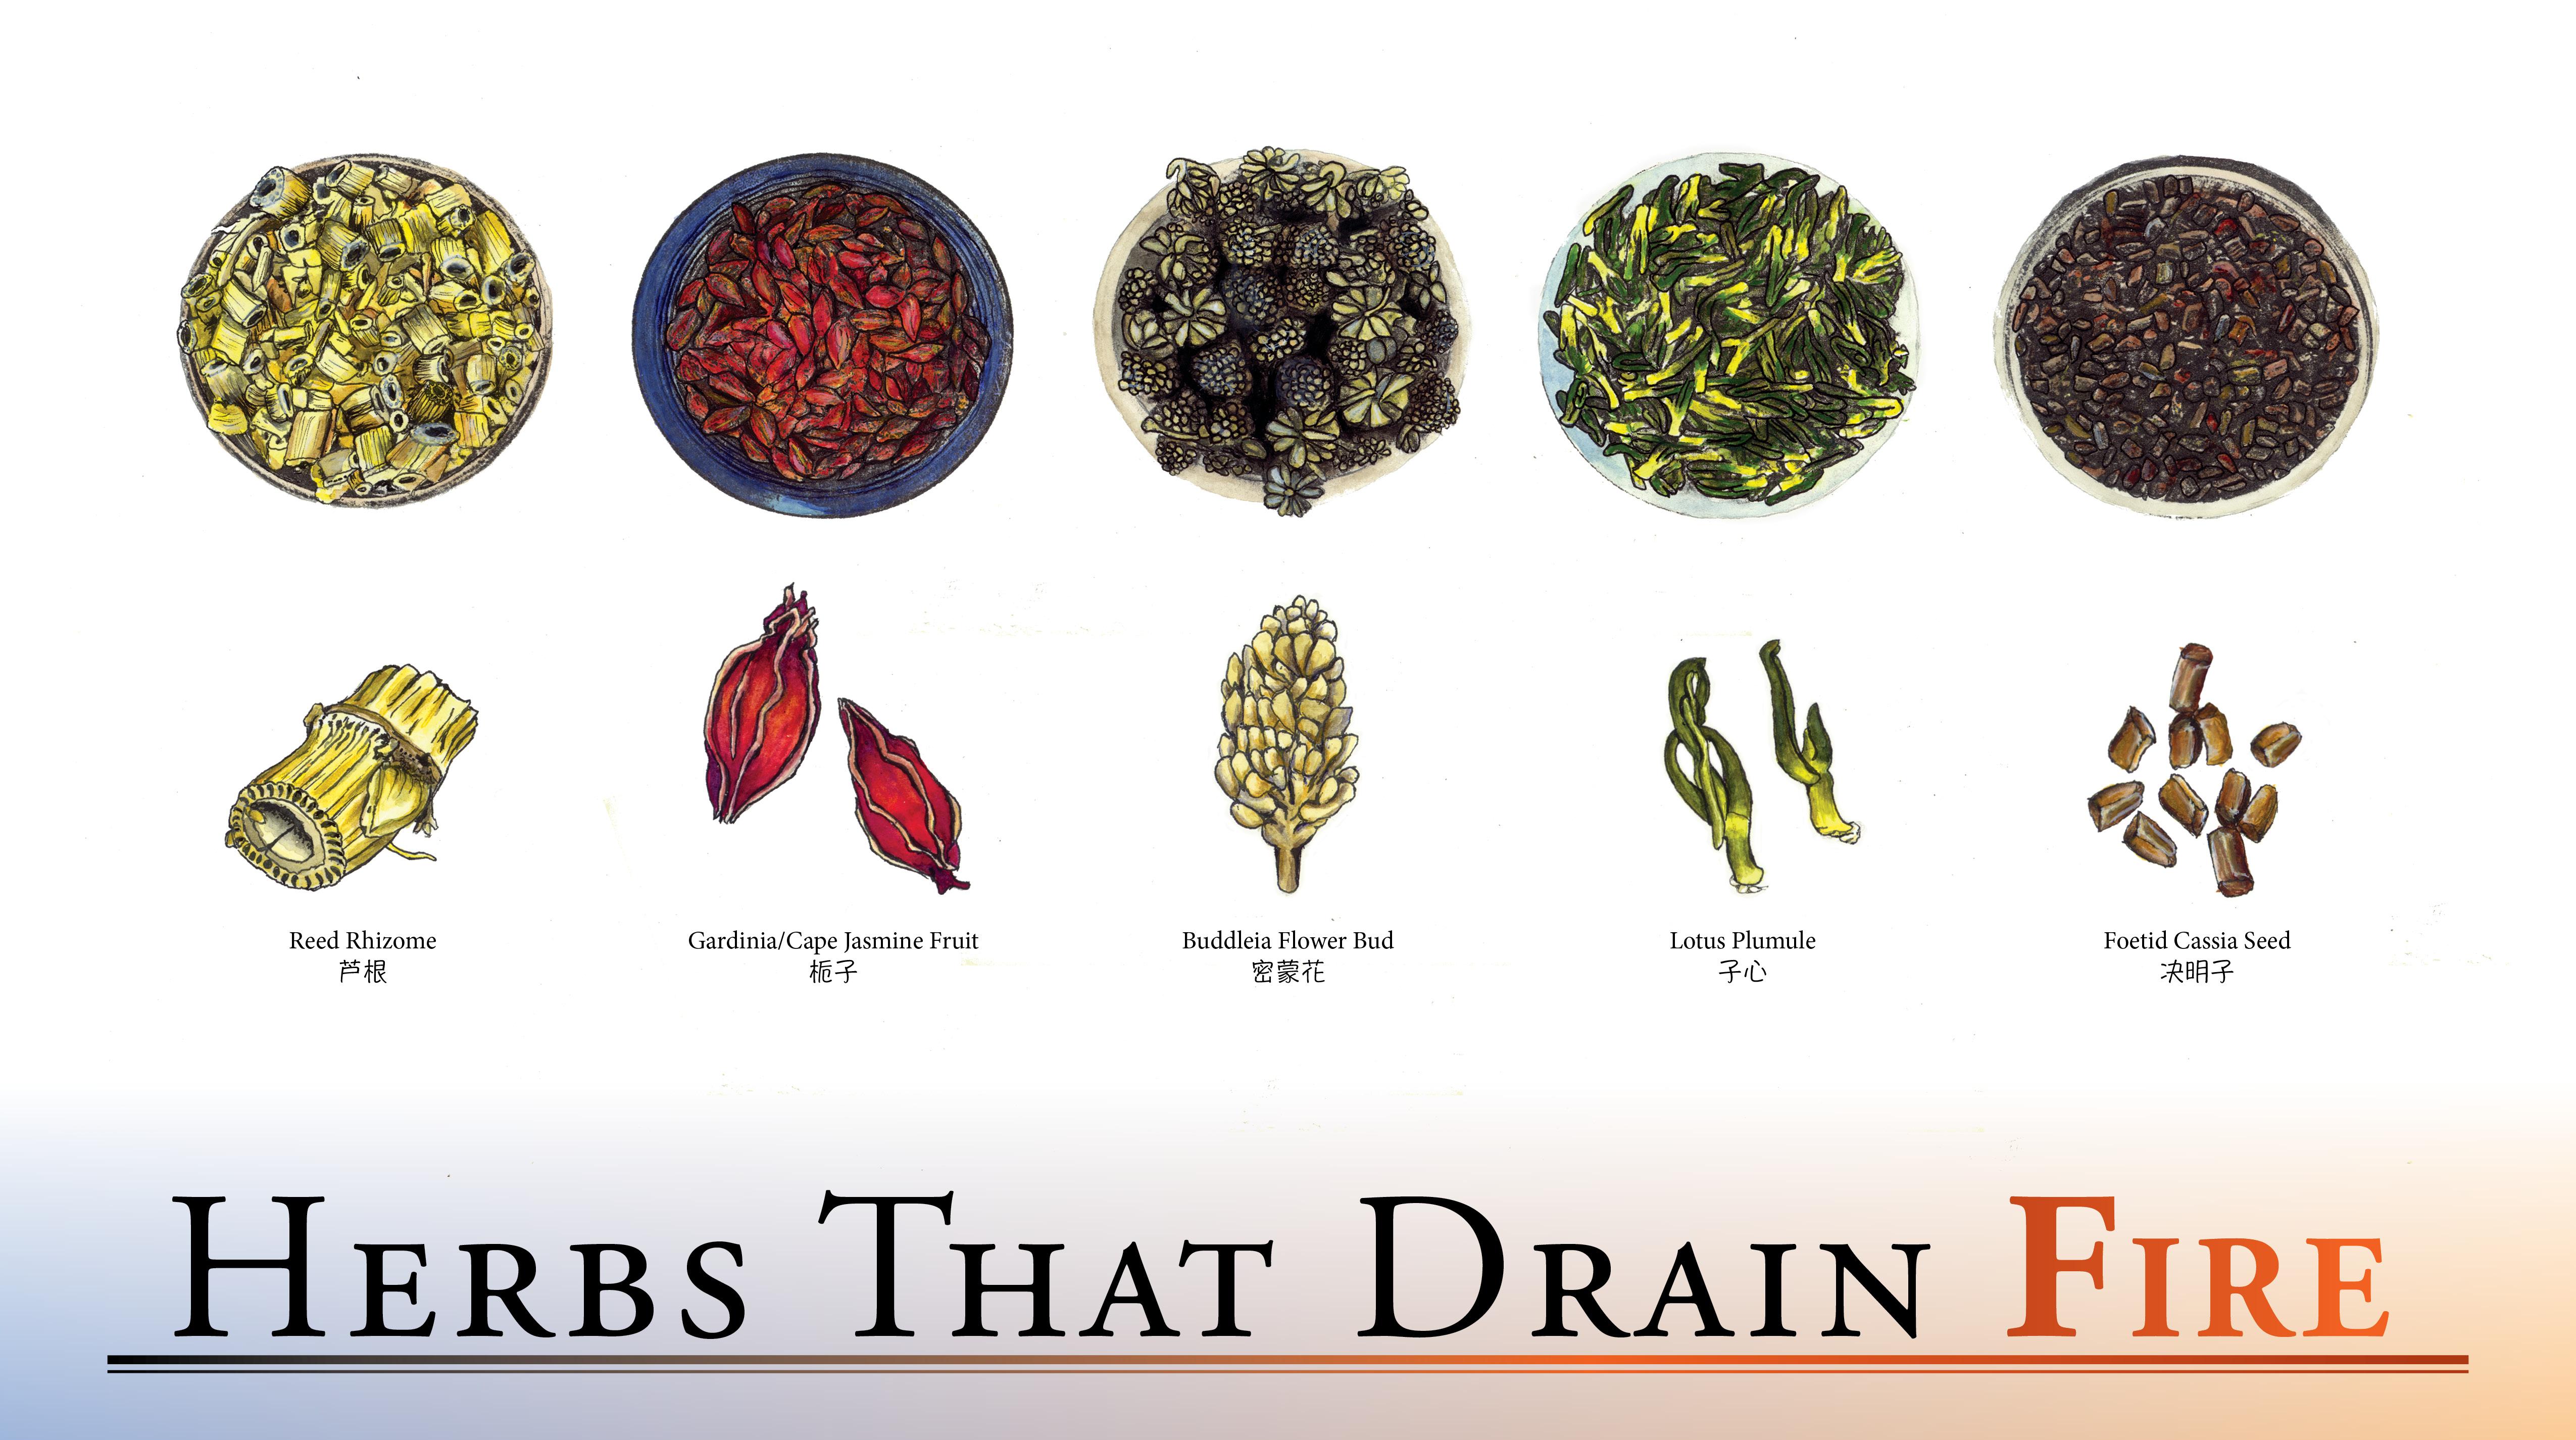 Herbs That Drain Fire